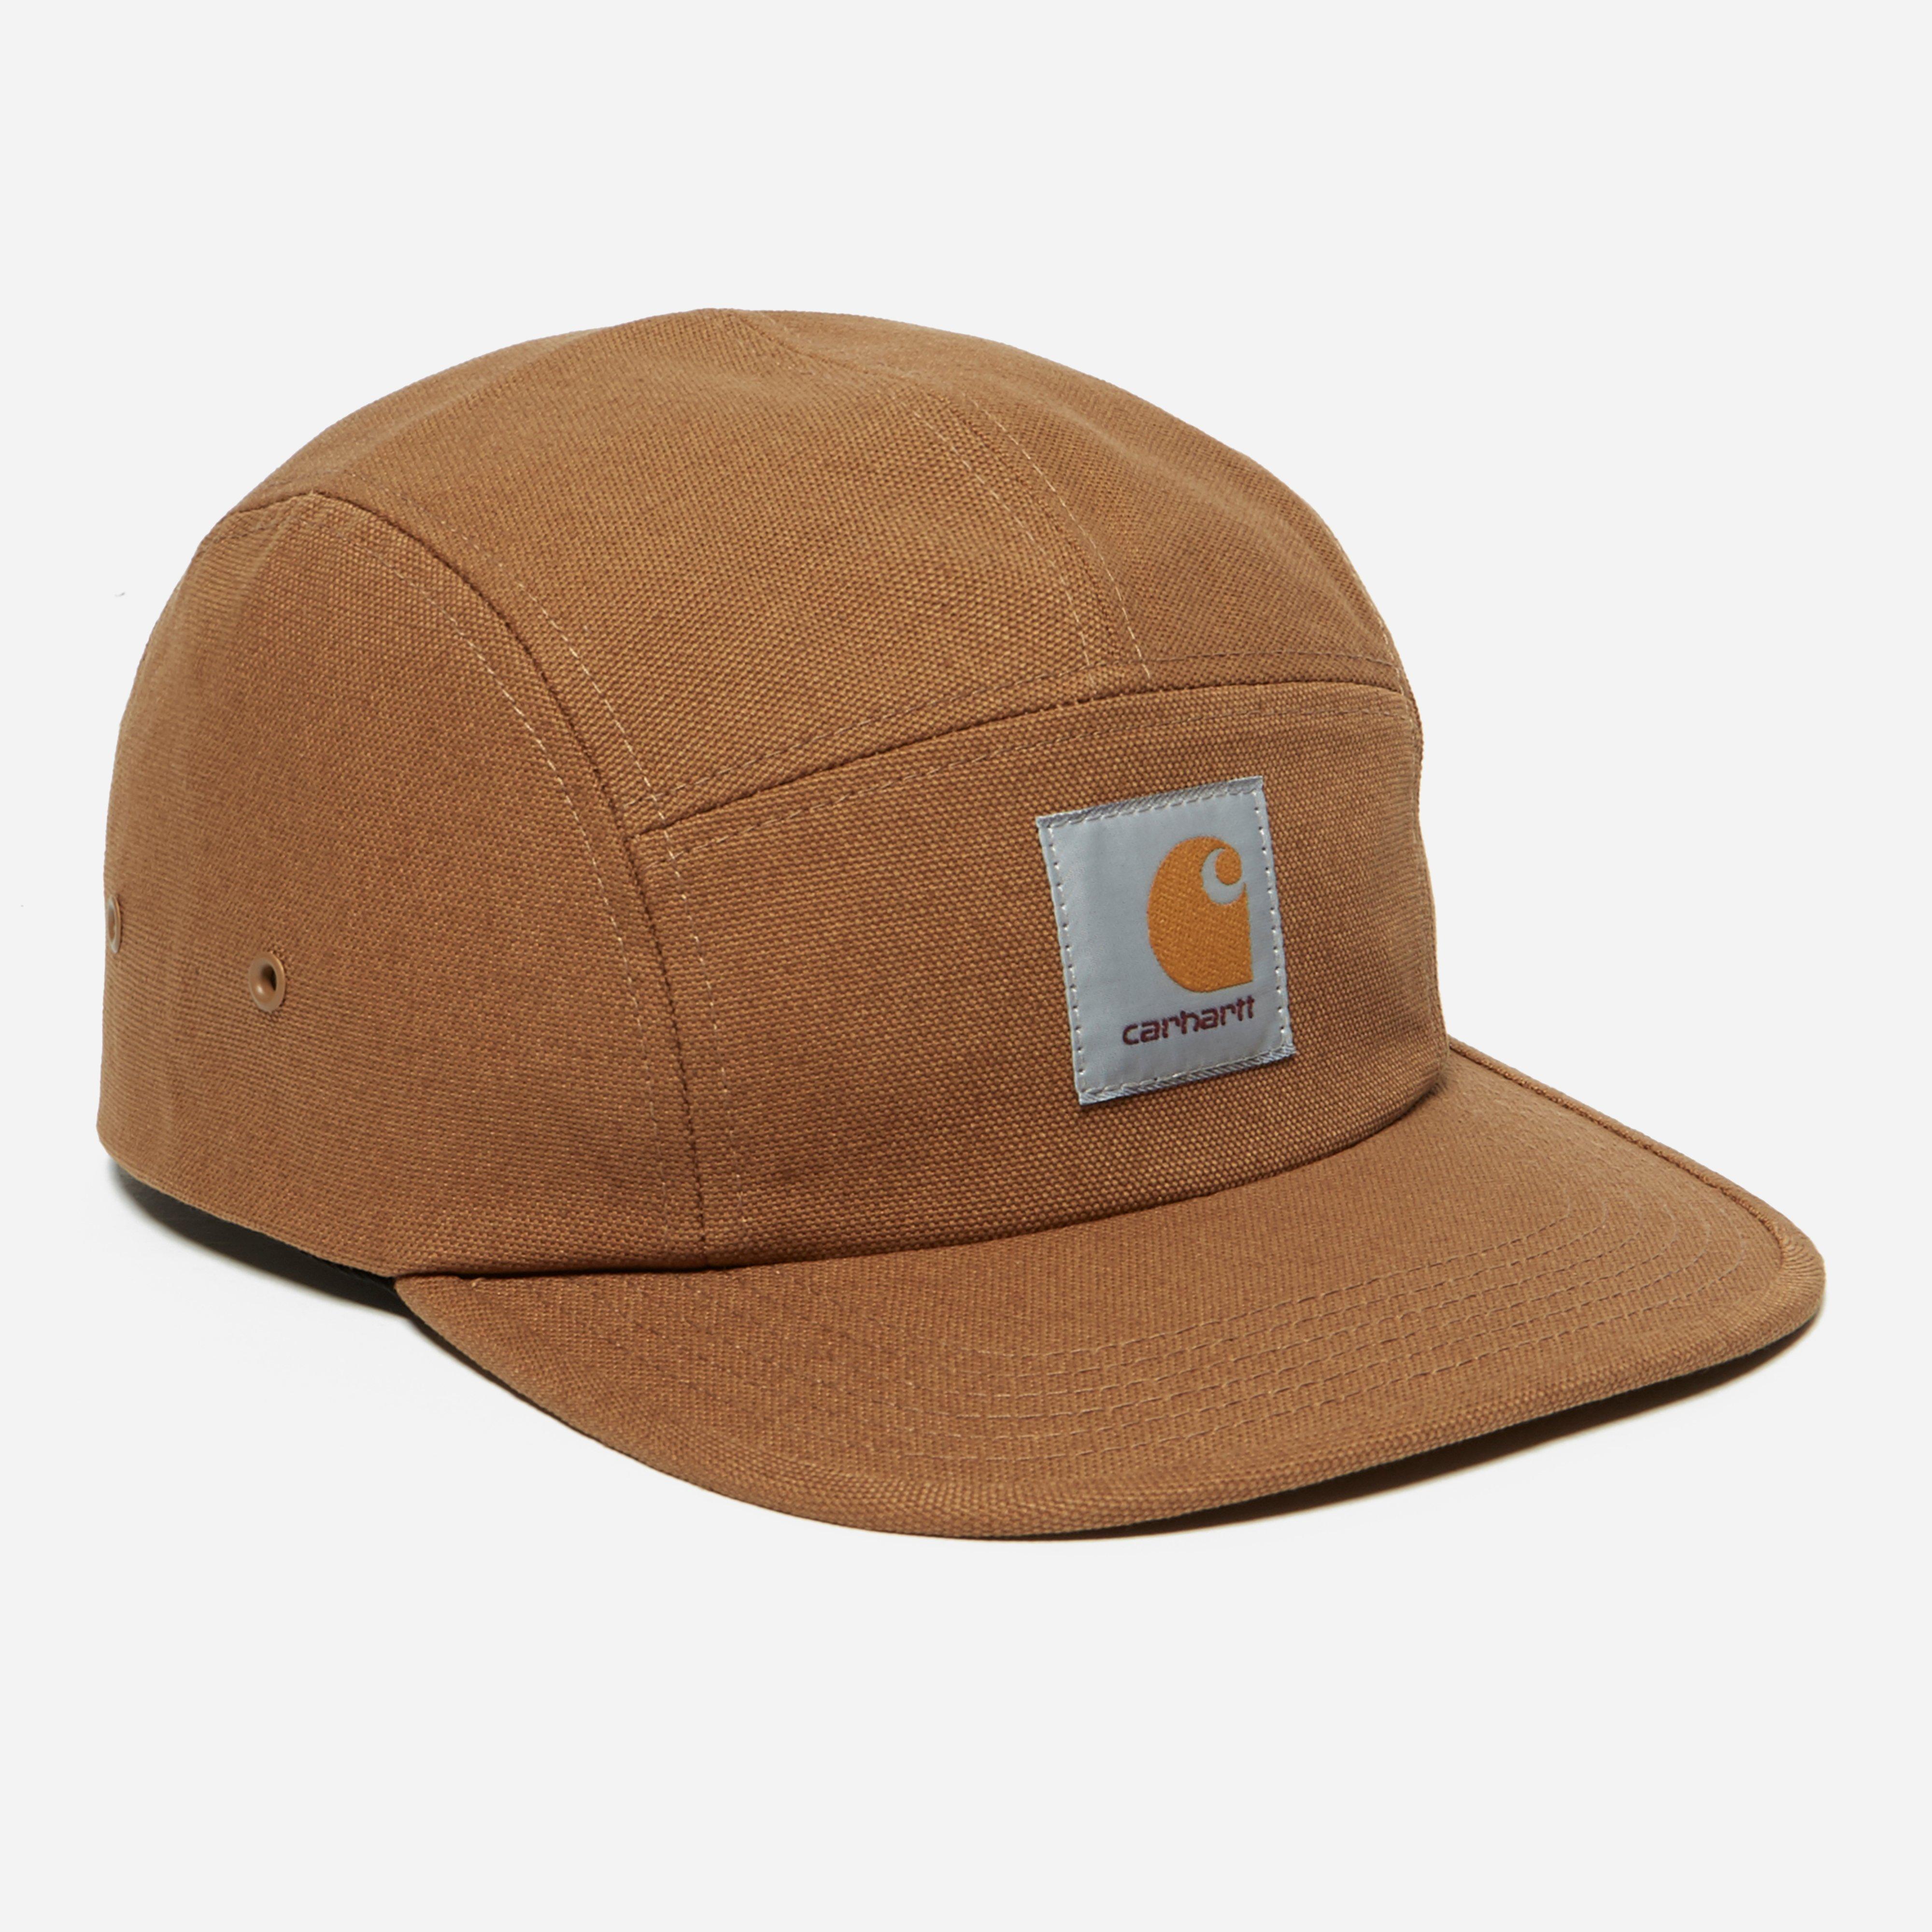 Carhartt Backley Cap